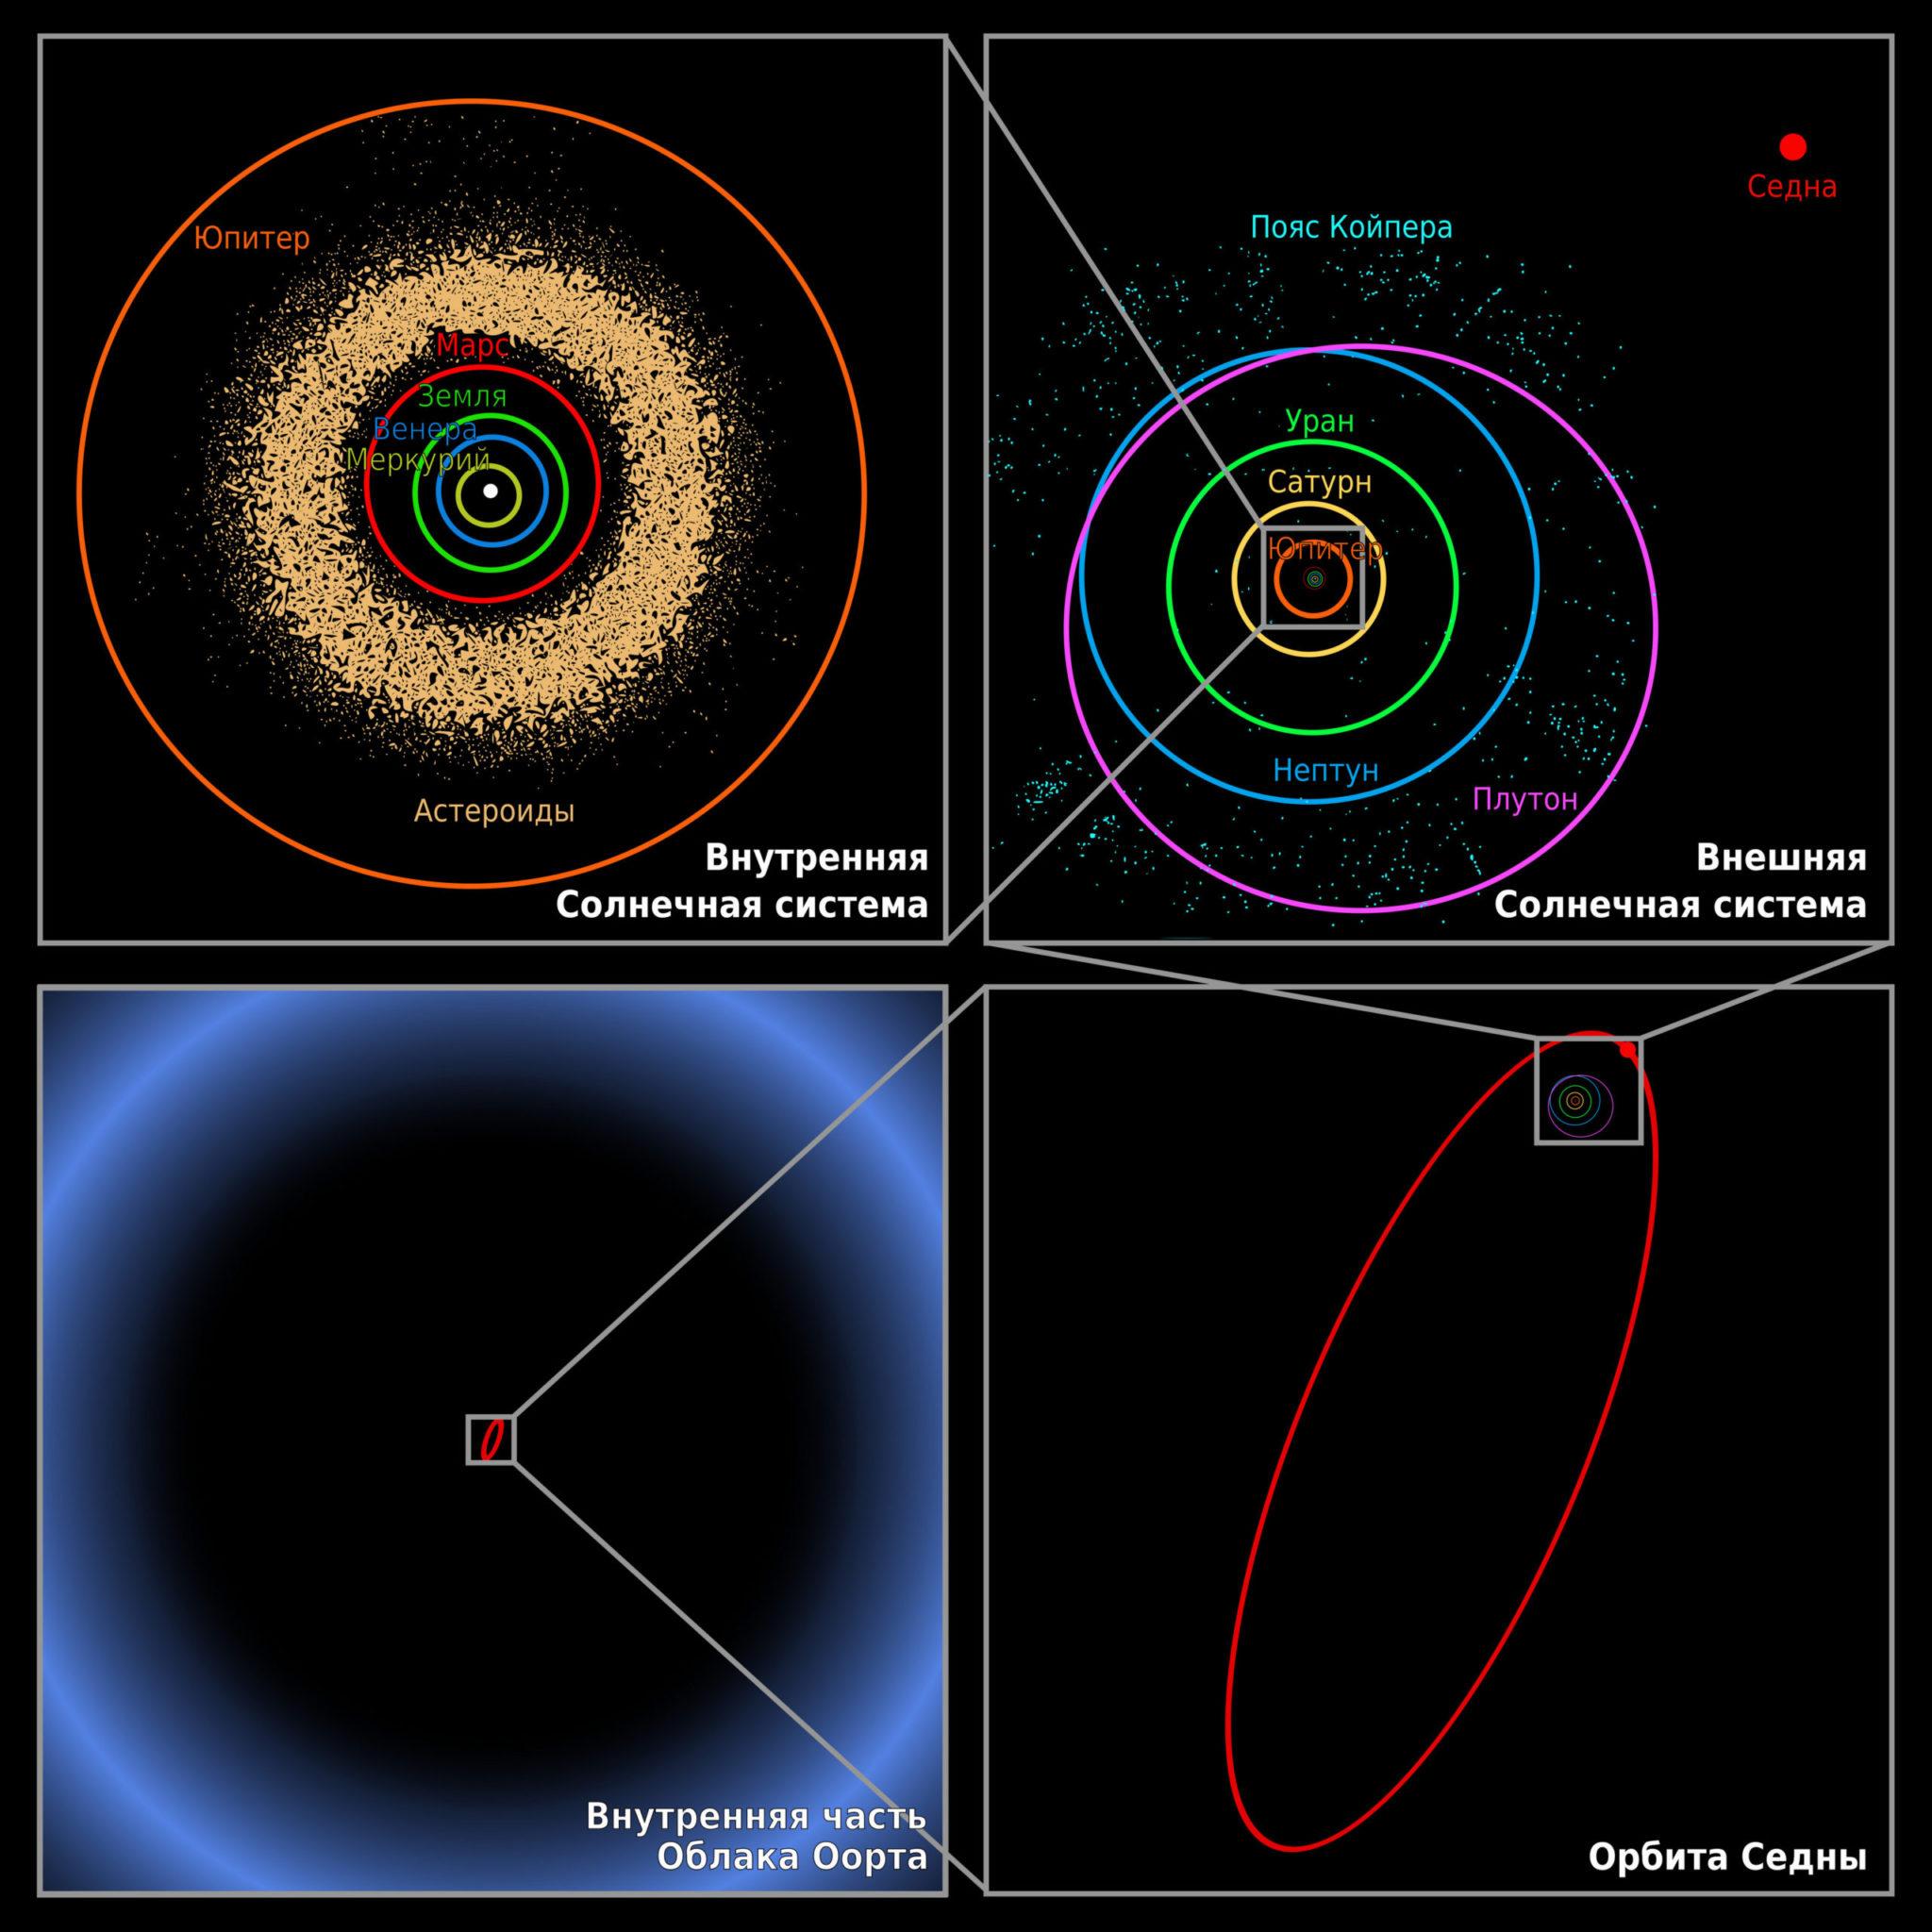 Седна — один из самых далеких объектов Солнечной системы. Афелий удален от Солнца более чем на 940 а. е. Полный оборот по орбите занимает около 11 400 лет. В настоящее время она близка к перигелию (76 а. е.) и пройдет его в 2076 году. Масштаб рисунков меняется по часовой стрелке. NASA / JPL–Caltech / R. Hurt